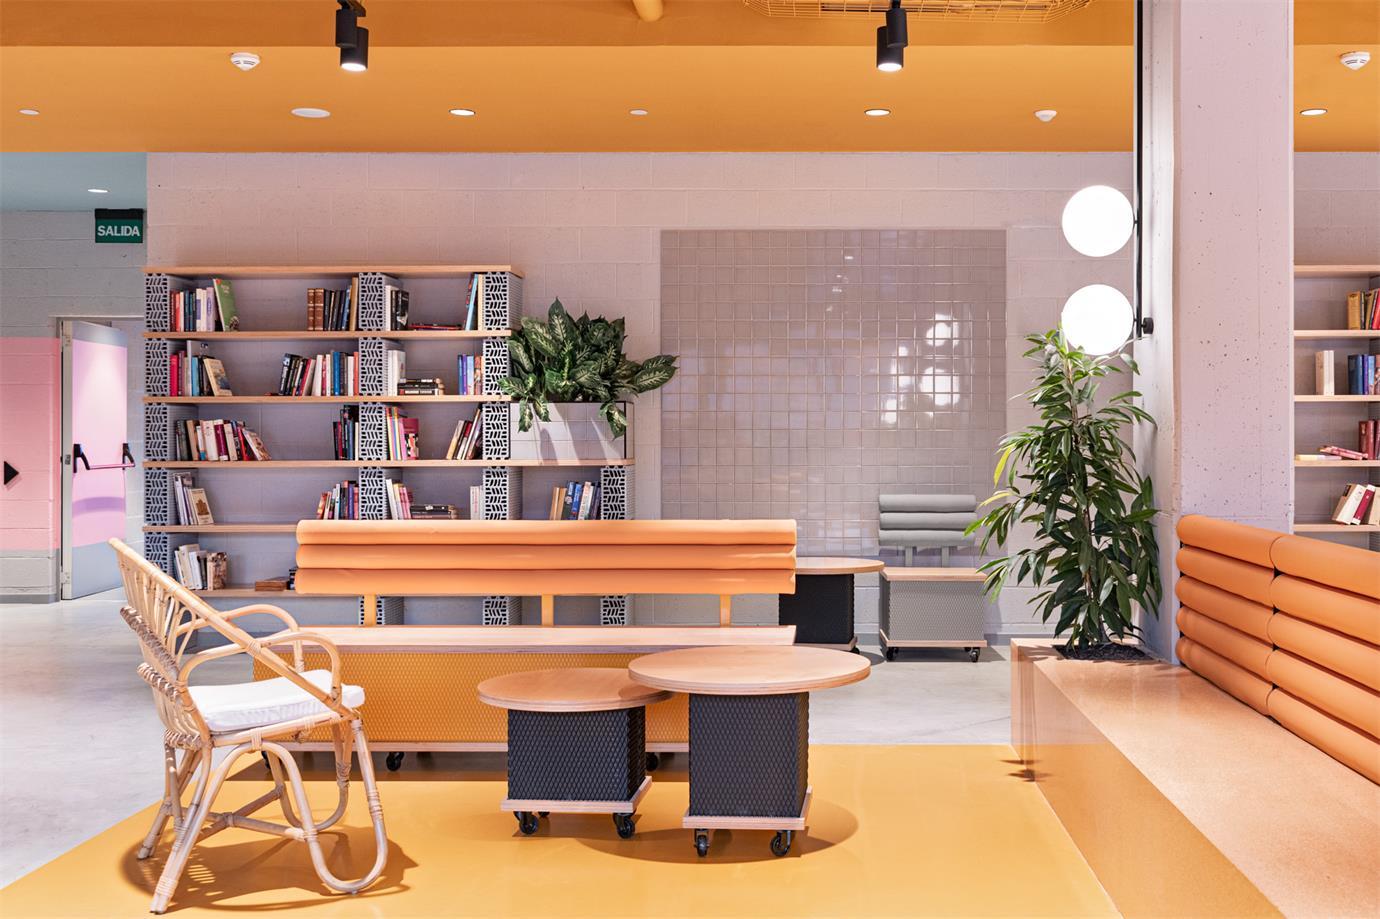 学生公寓阅读区设计